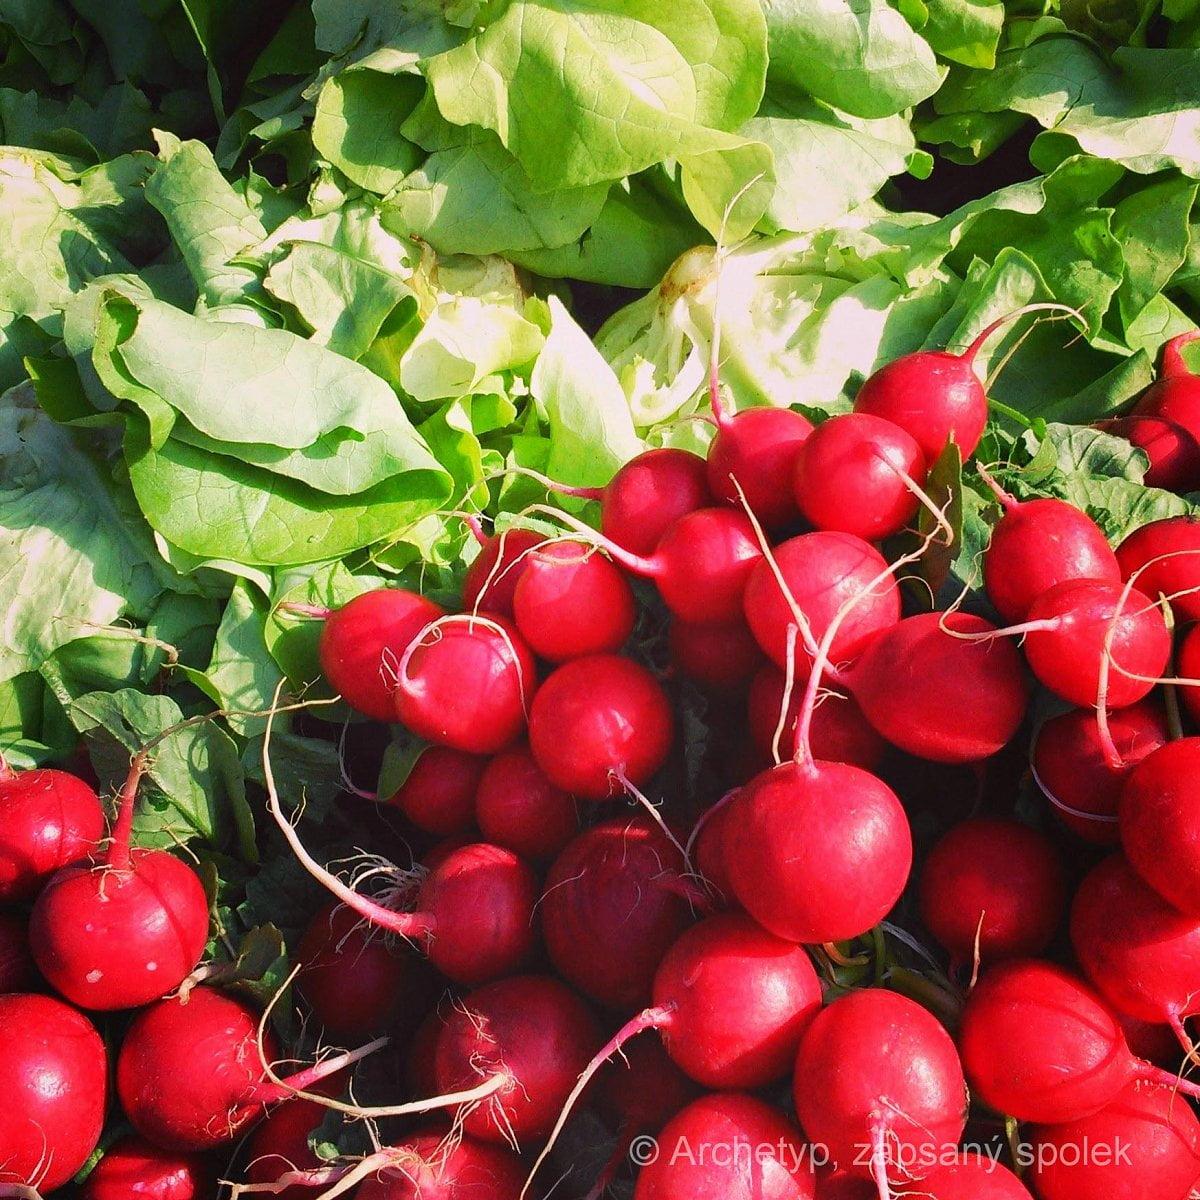 Farmářský trh Heřmaňák - první trh bez igelitek